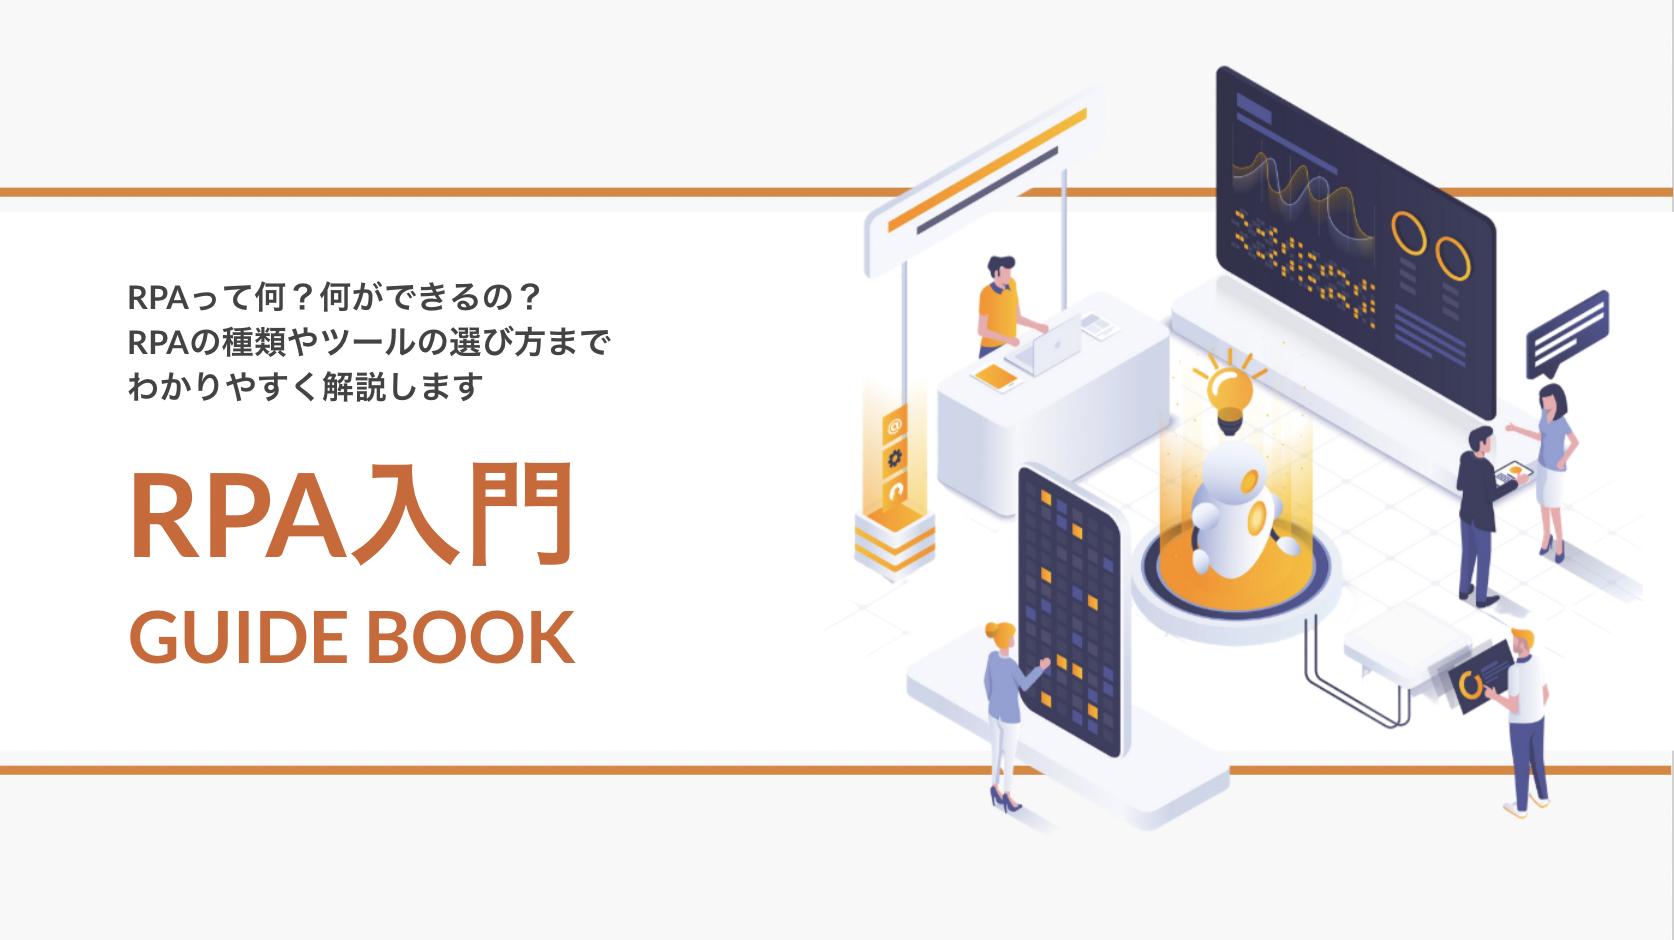 RPA入門ガイドブック